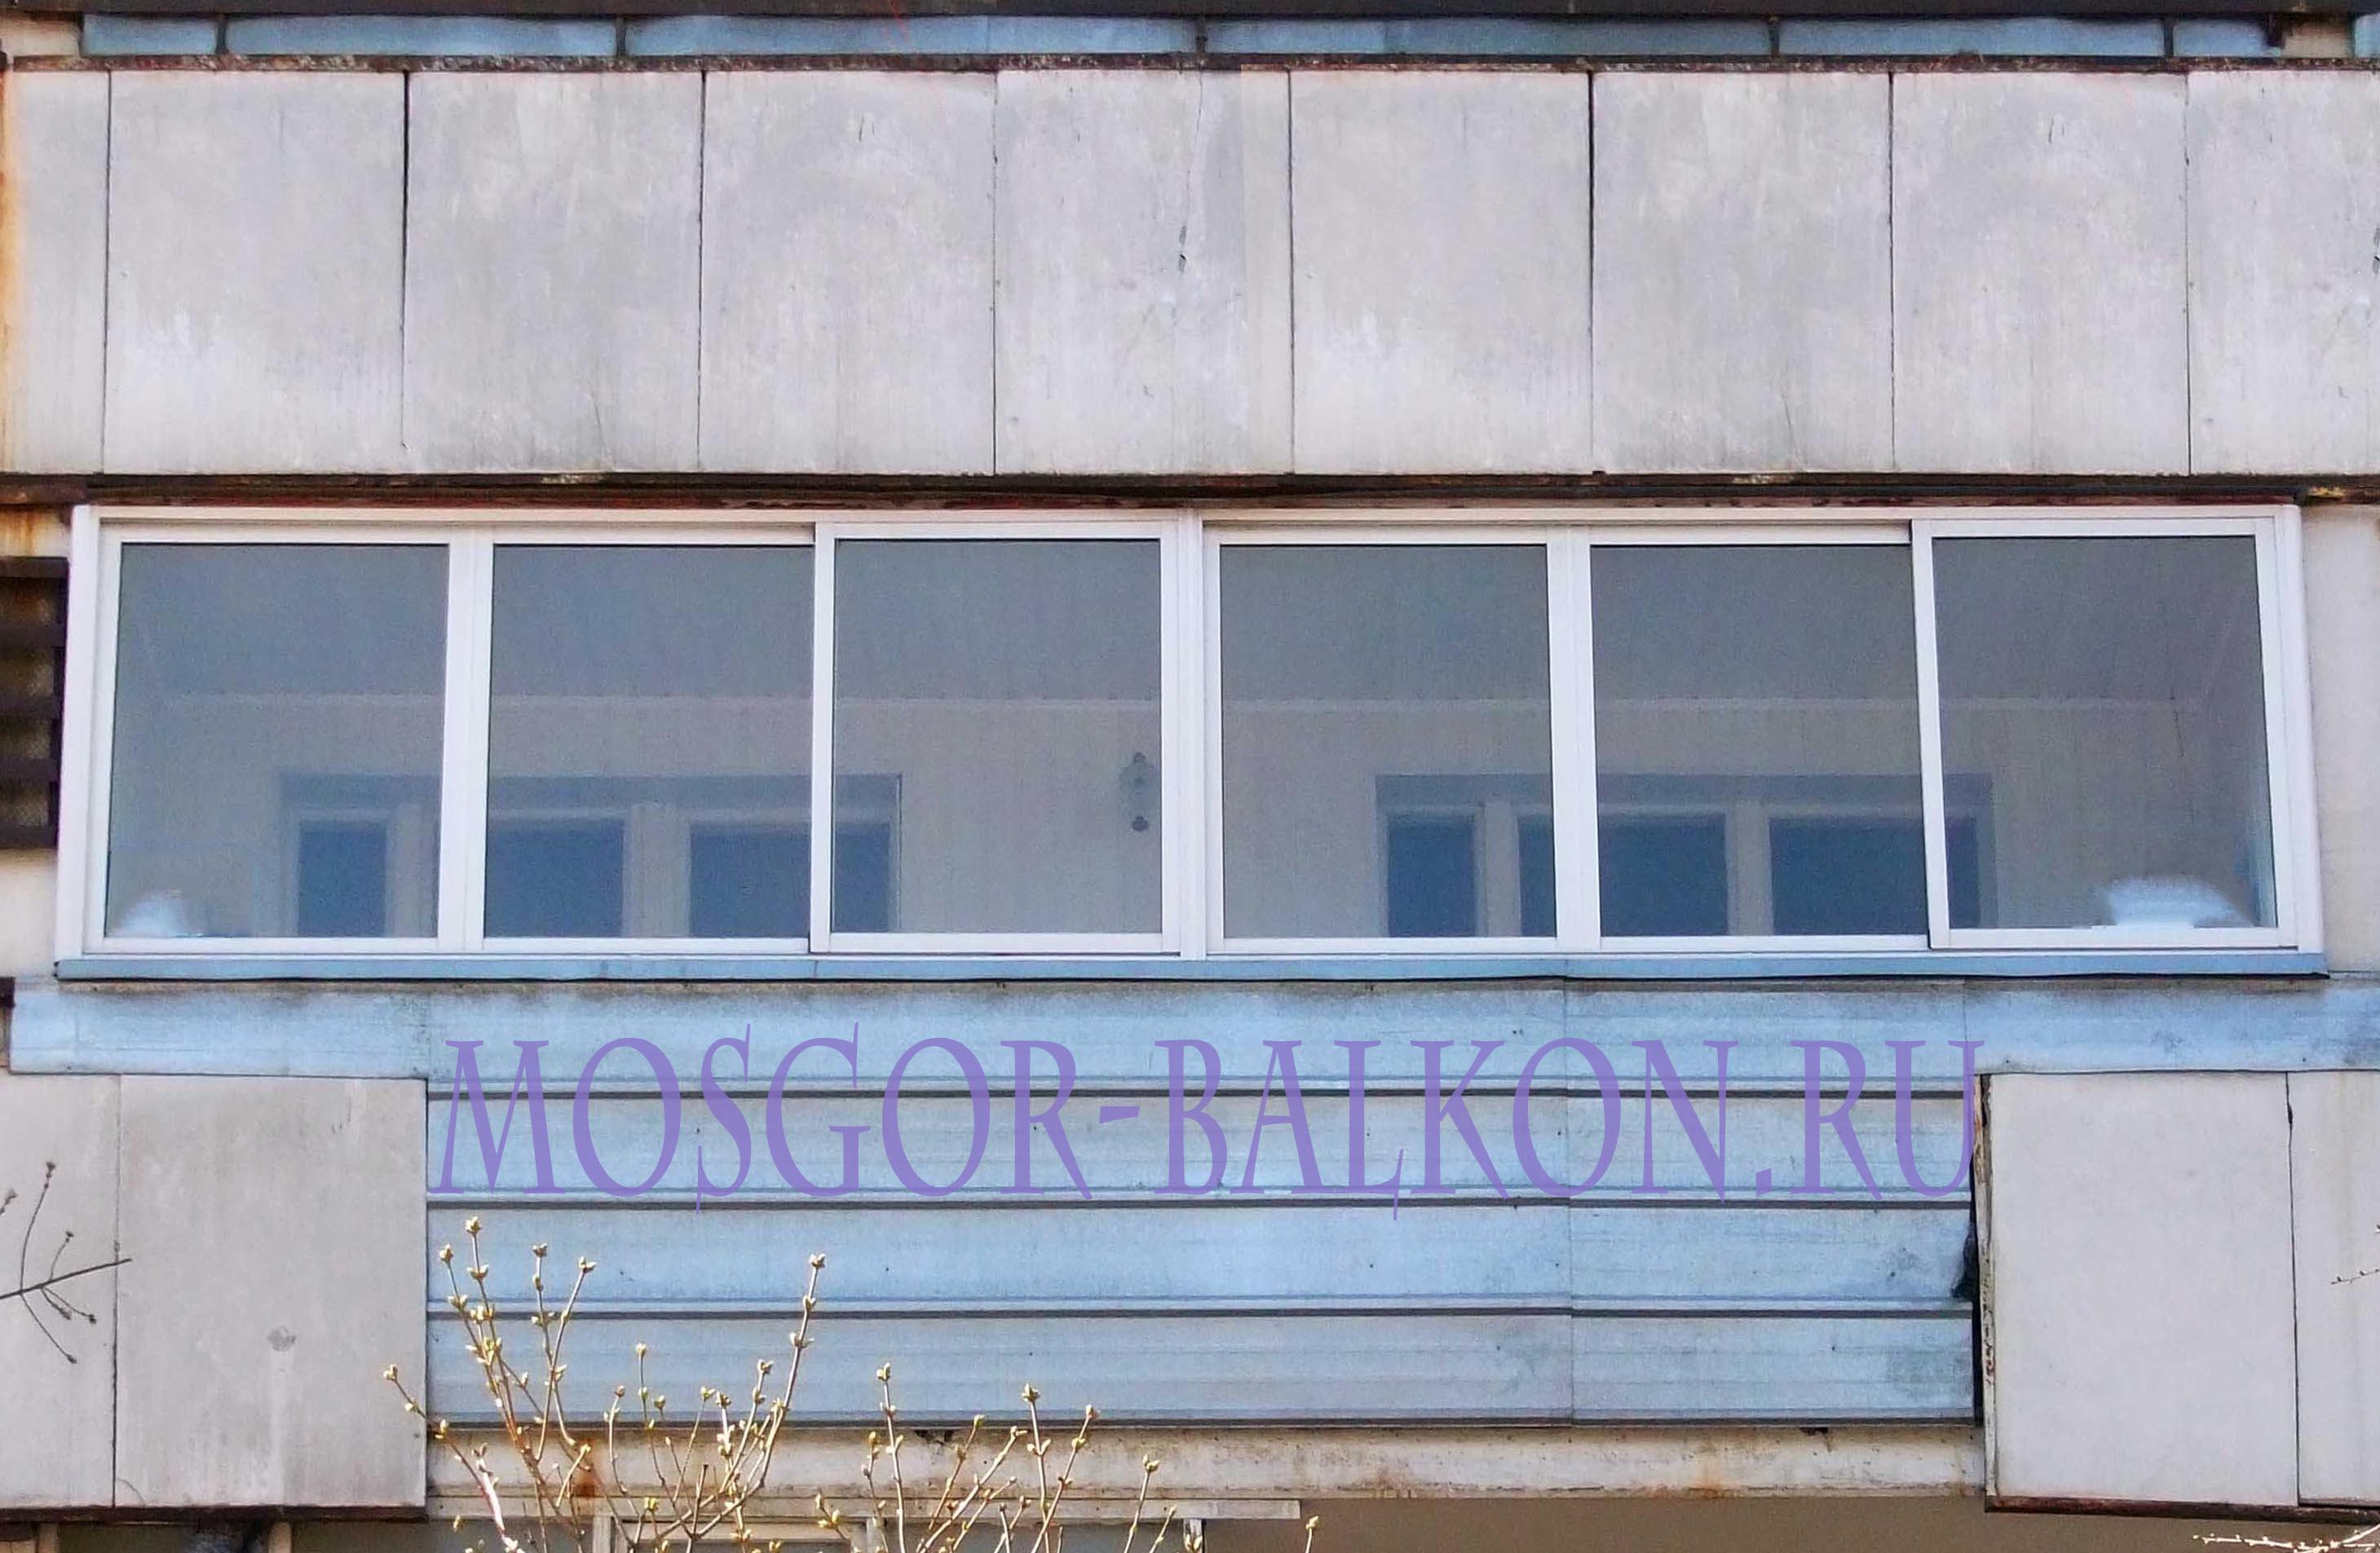 Остекление балконов и 209а в москве - mosgor-balkon.ru.